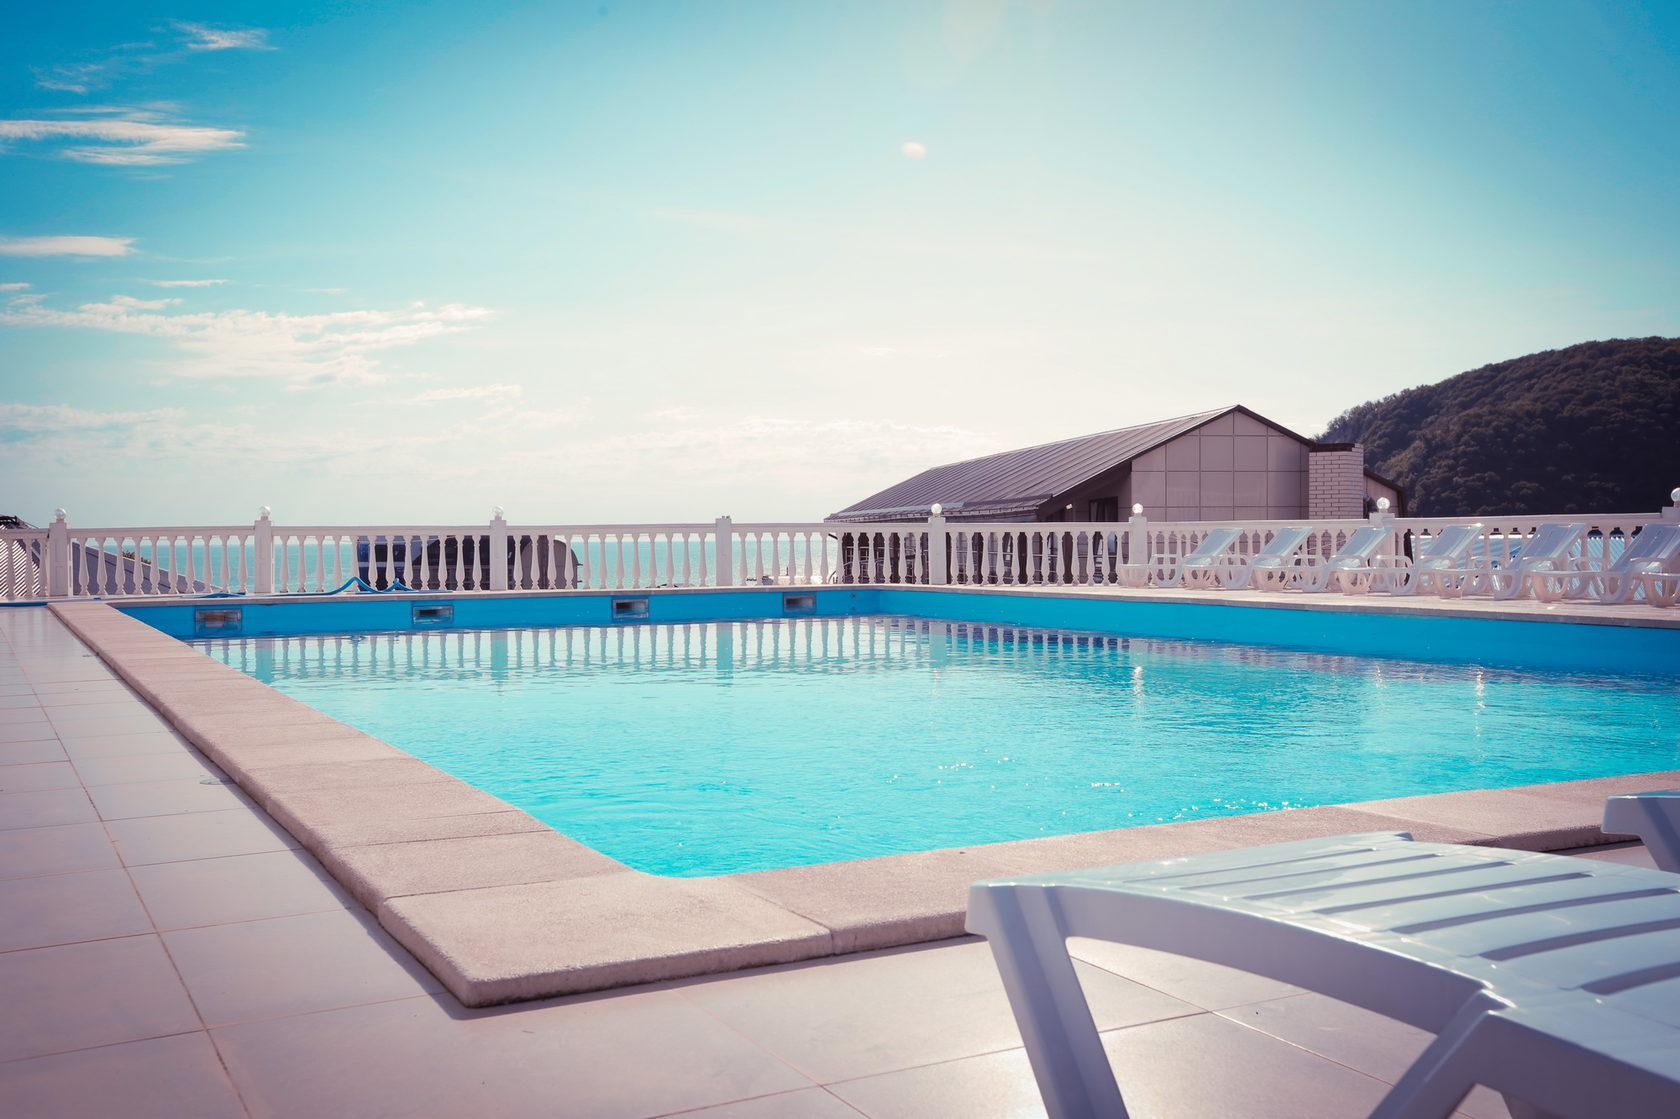 Гостевой дом Отель Марсель — всего 7 минут до песчаного пляжа